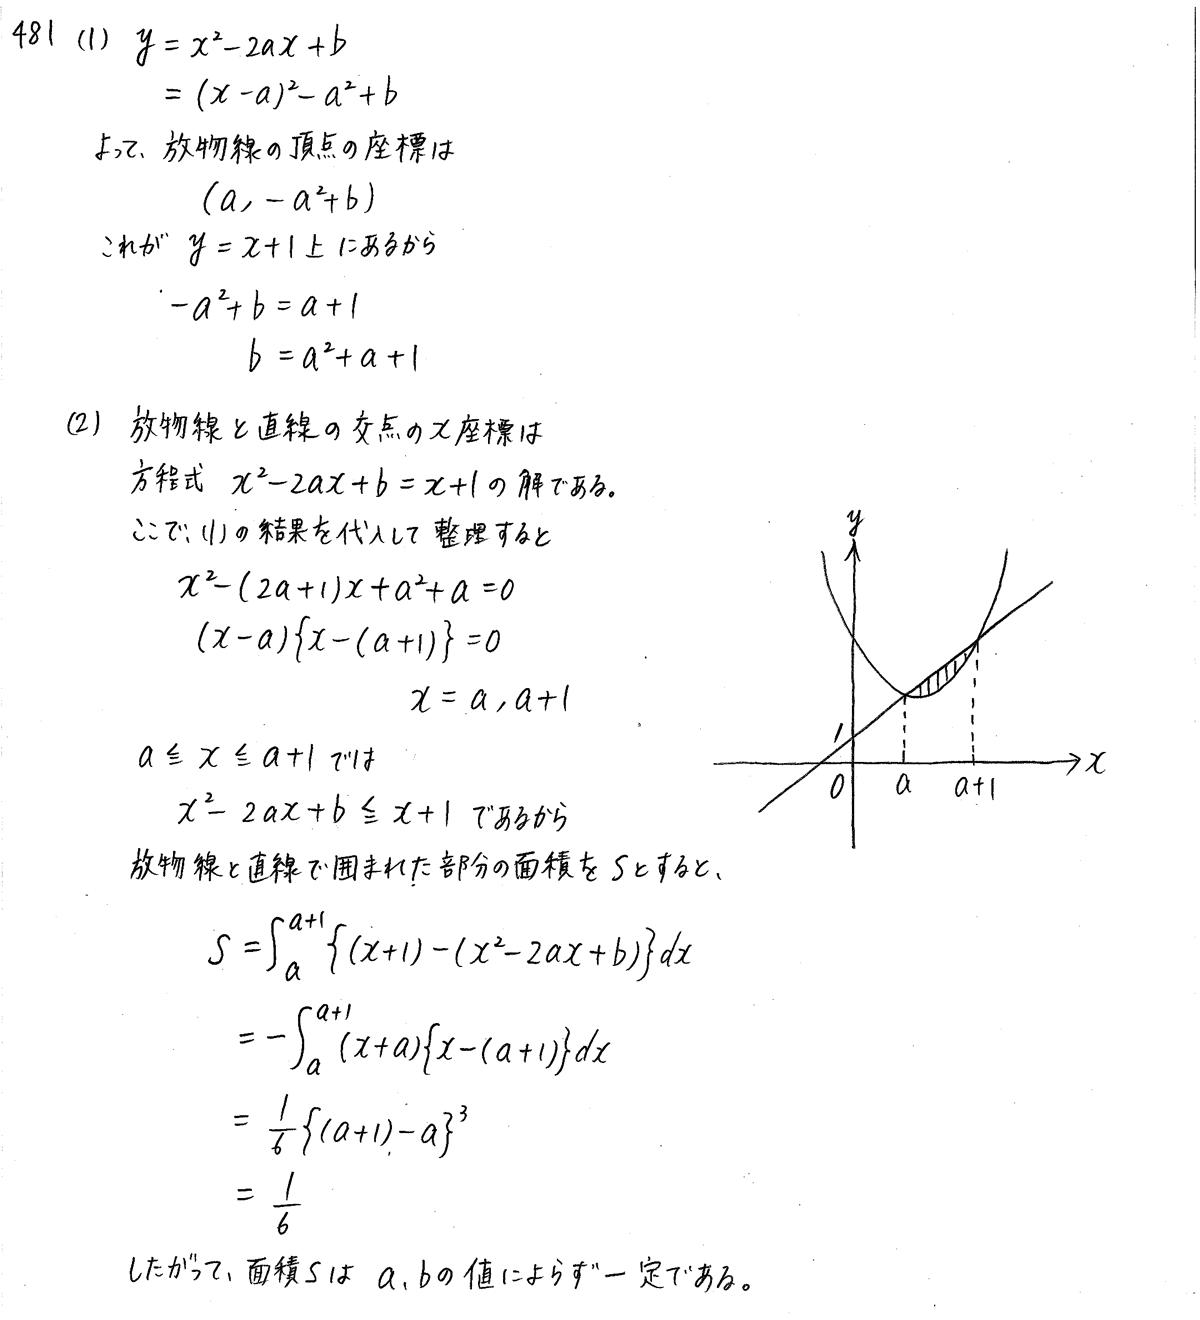 クリアー数学2-481解答